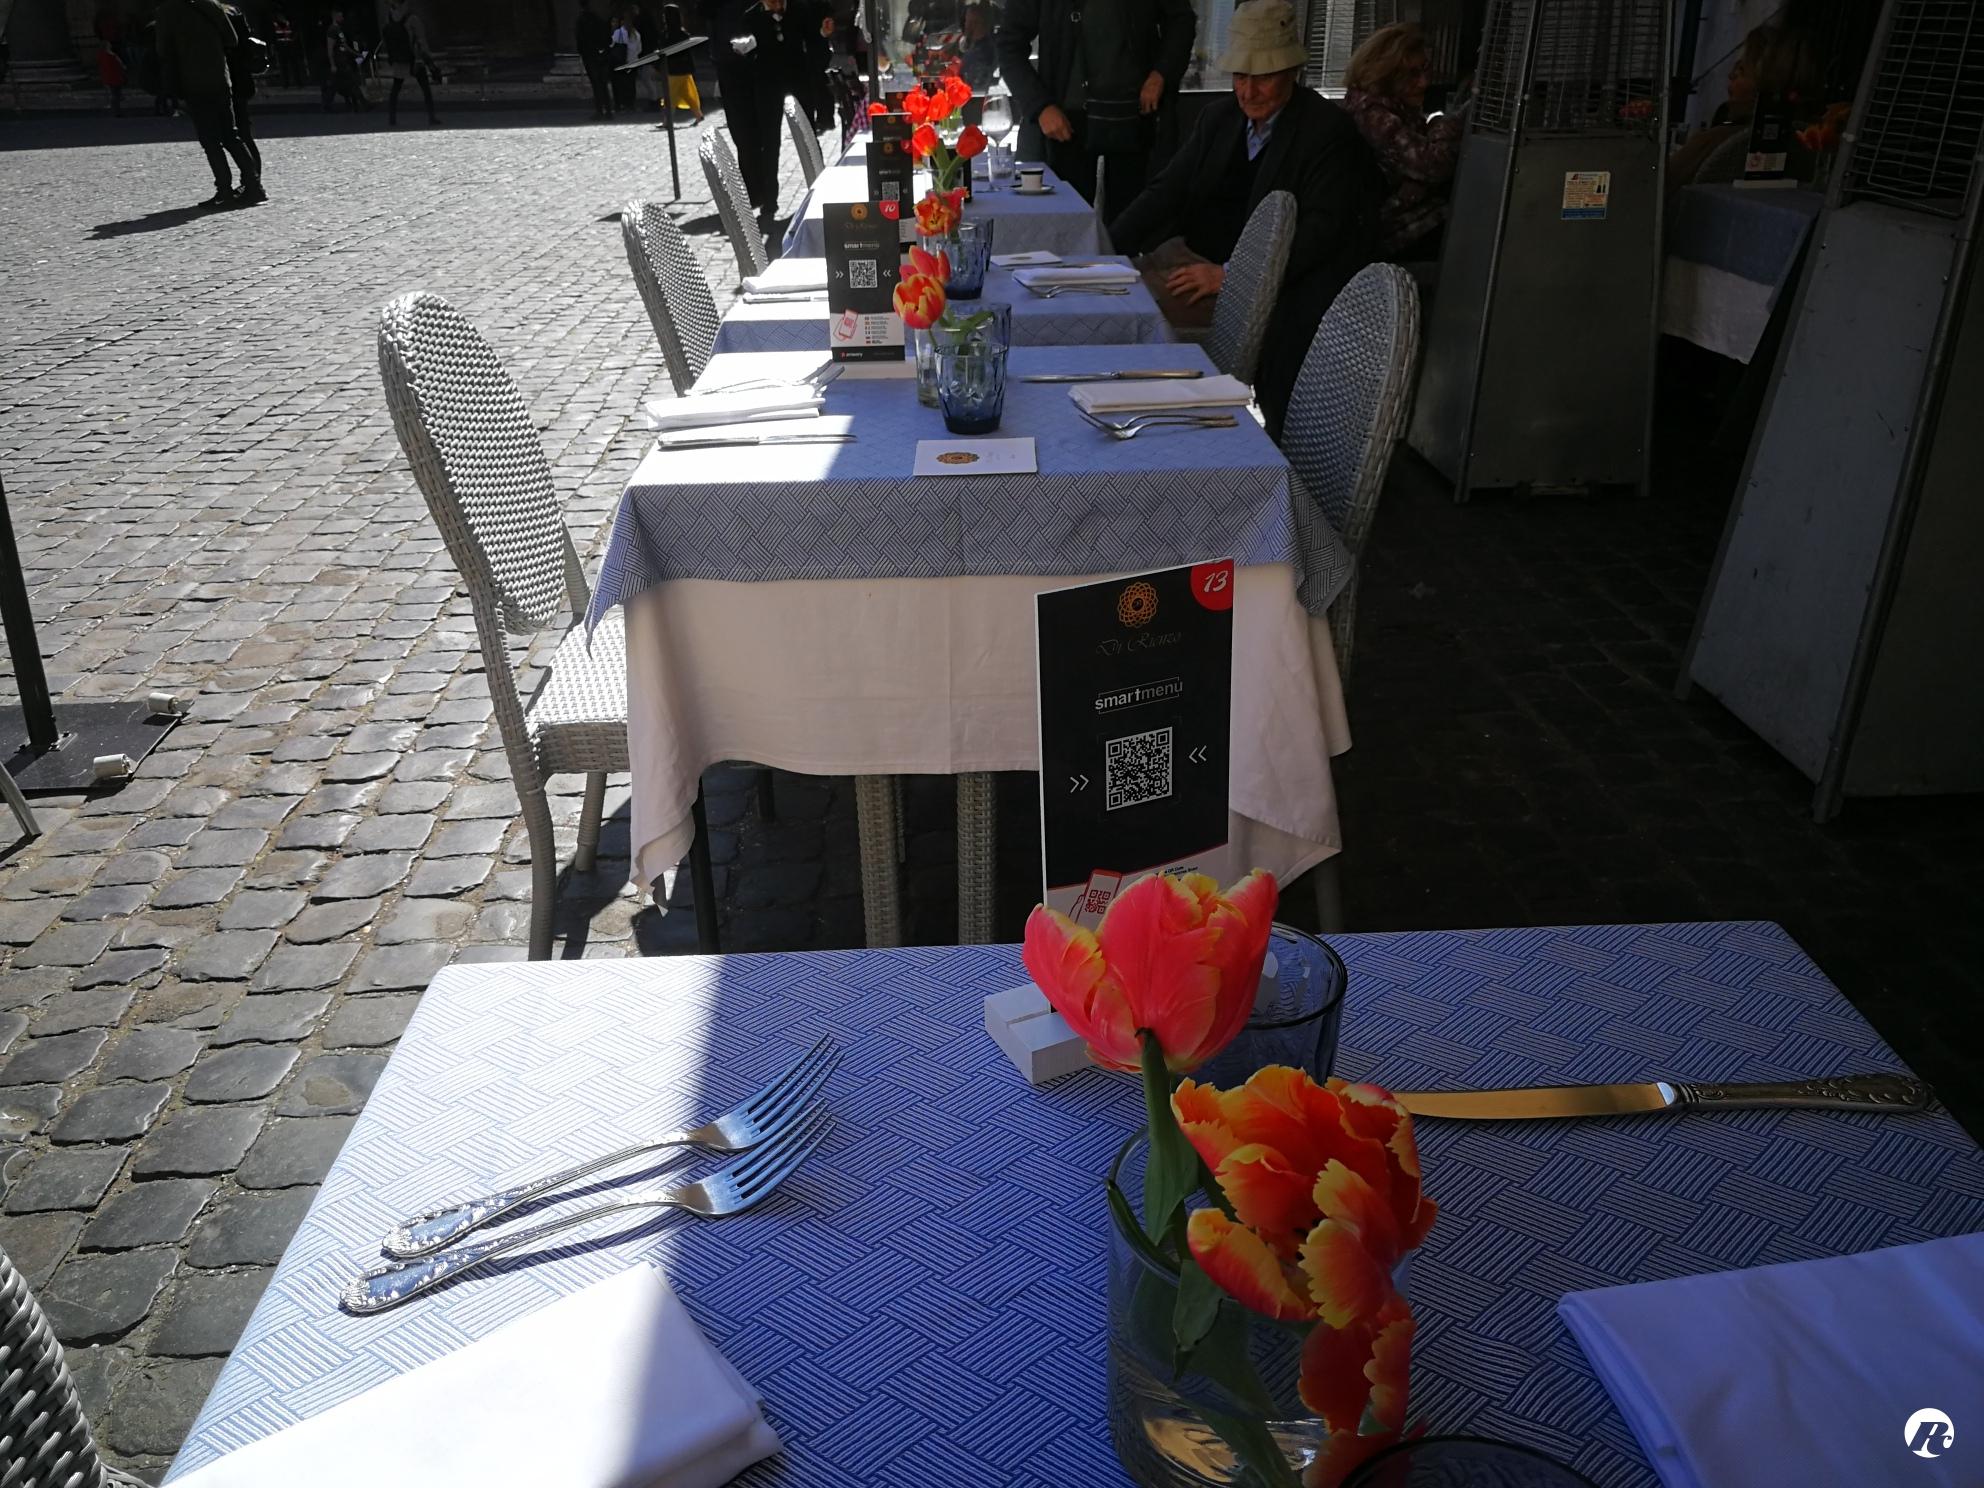 Divisori In Plexiglass Per Esterni commercianti: per fase 2 a roma tavoli single, family e